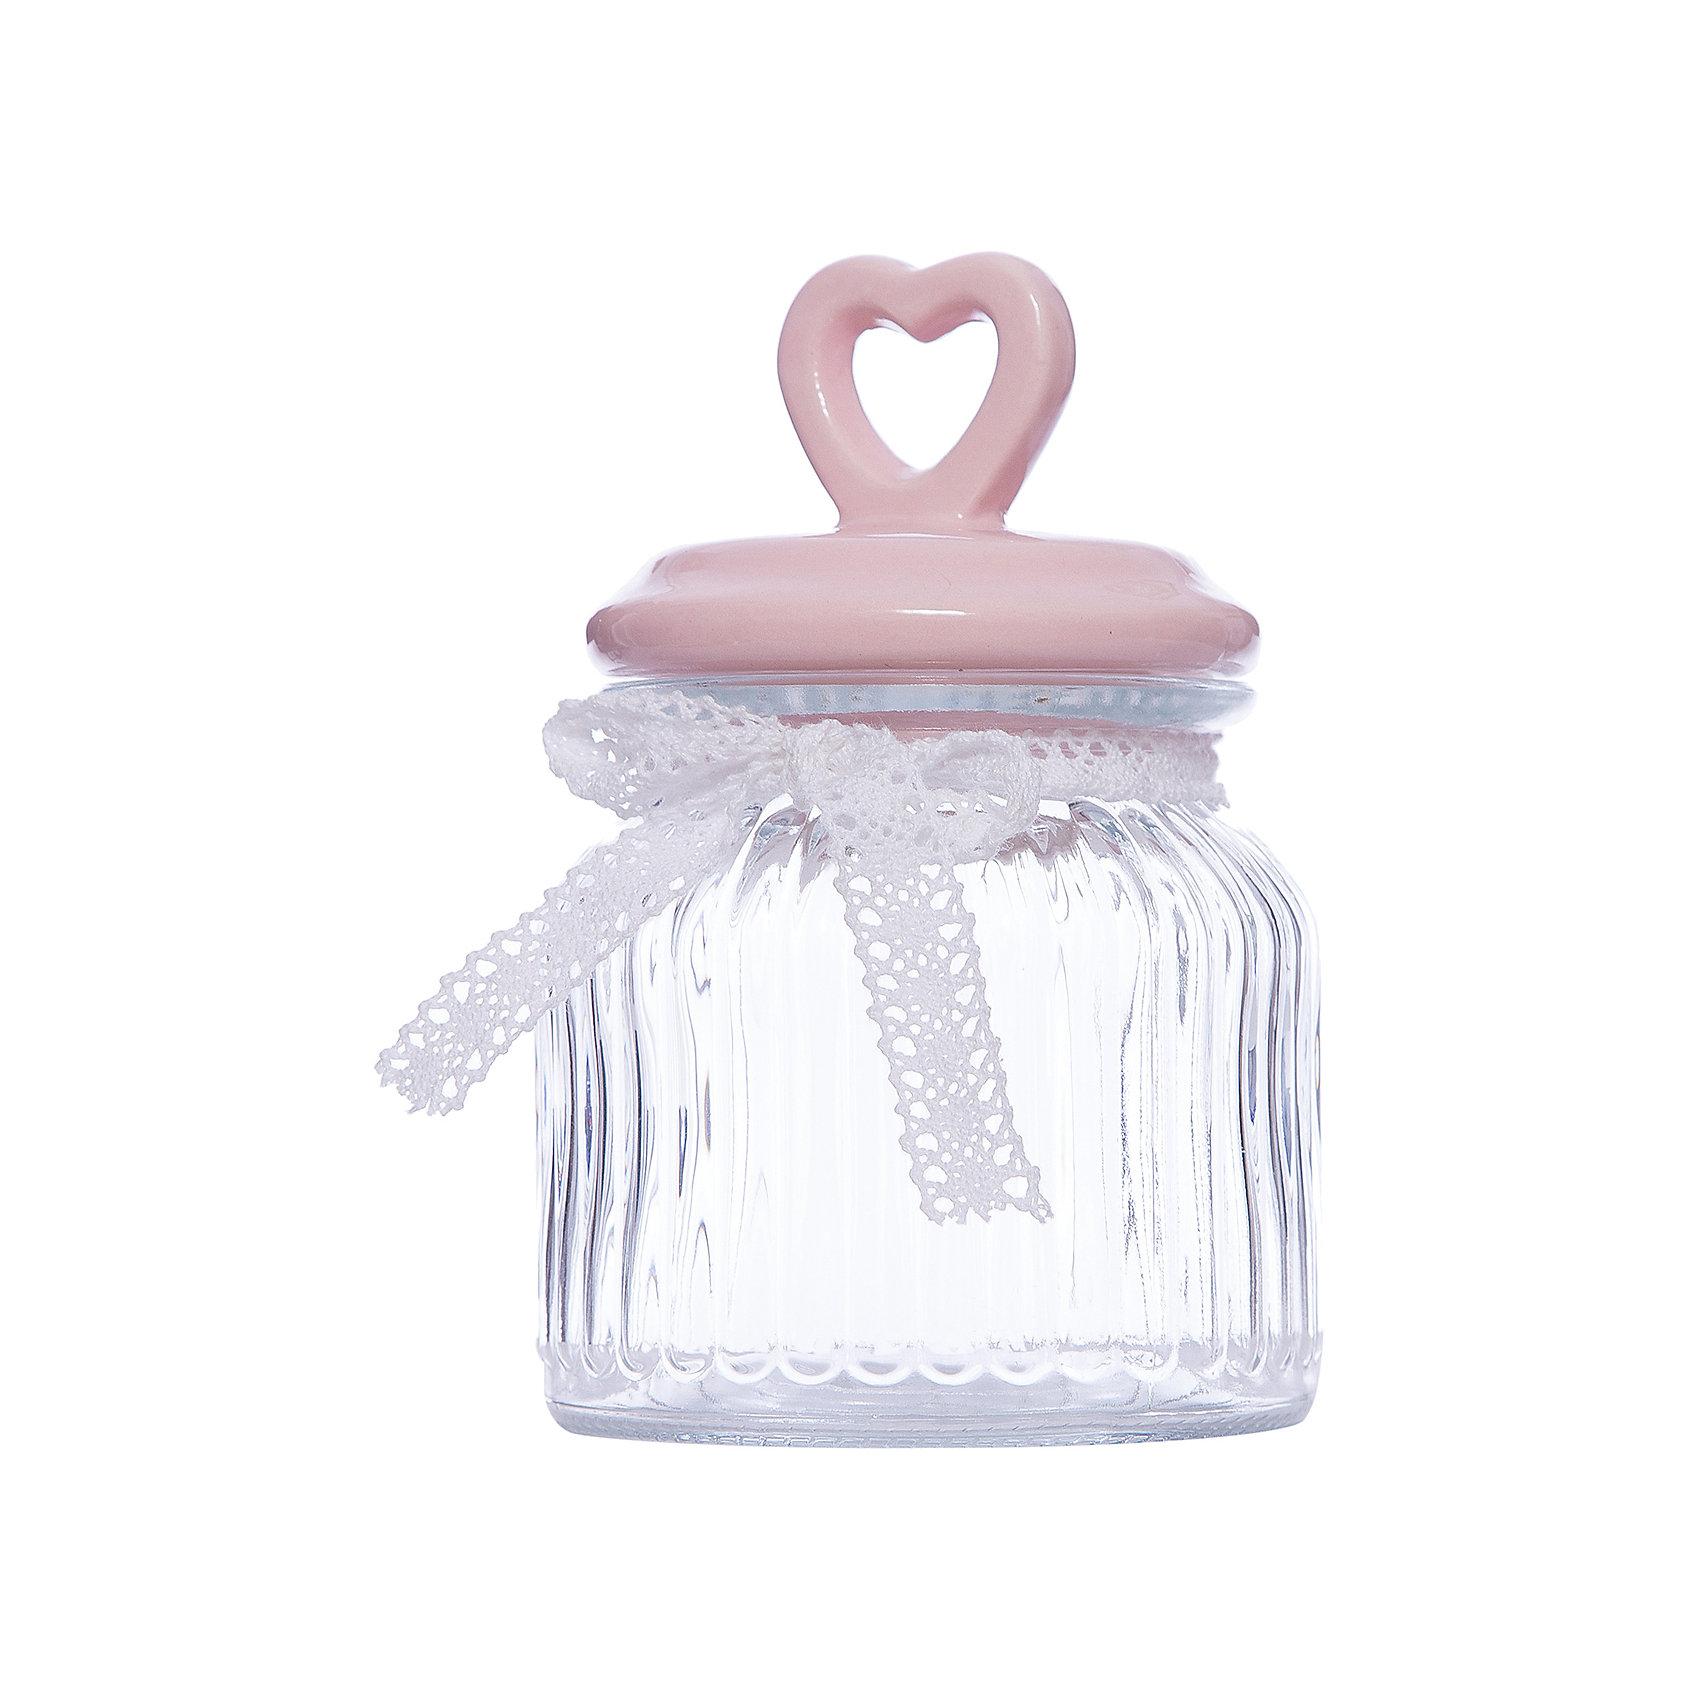 Стеклянная ёмкость для продуктов Розовое сердце, объем 600 мл., Феникс-ПрезентПосуда<br>Стеклянная ёмкость для продуктов Розовое сердце, объем 600 мл., Феникс-Презент<br><br>Характеристики:<br><br>• ёмкость для продуктов с керамической крышкой<br>• объем: 600 мл<br>• материал: стекло, керамика, текстиль<br>• размер: 11,4х11,4х19 см<br><br>Ёмкость для продуктов Розовое сердце изготовлено из прочного стекла. Крышка изготовлена из керамики. Она имеет удобную ручку в виде небольшого сердечка с отверстием. Верх ёмкости оформлен красивым бантиком из текстиля. Объем - 600 мл.<br><br>Стеклянная ёмкость для продуктов Розовое сердце, объем 600 мл., Феникс-Презент можно купить в нашем интернет-магазине.<br><br>Ширина мм: 193<br>Глубина мм: 114<br>Высота мм: 114<br>Вес г: 596<br>Возраст от месяцев: 120<br>Возраст до месяцев: 2147483647<br>Пол: Унисекс<br>Возраст: Детский<br>SKU: 5449527